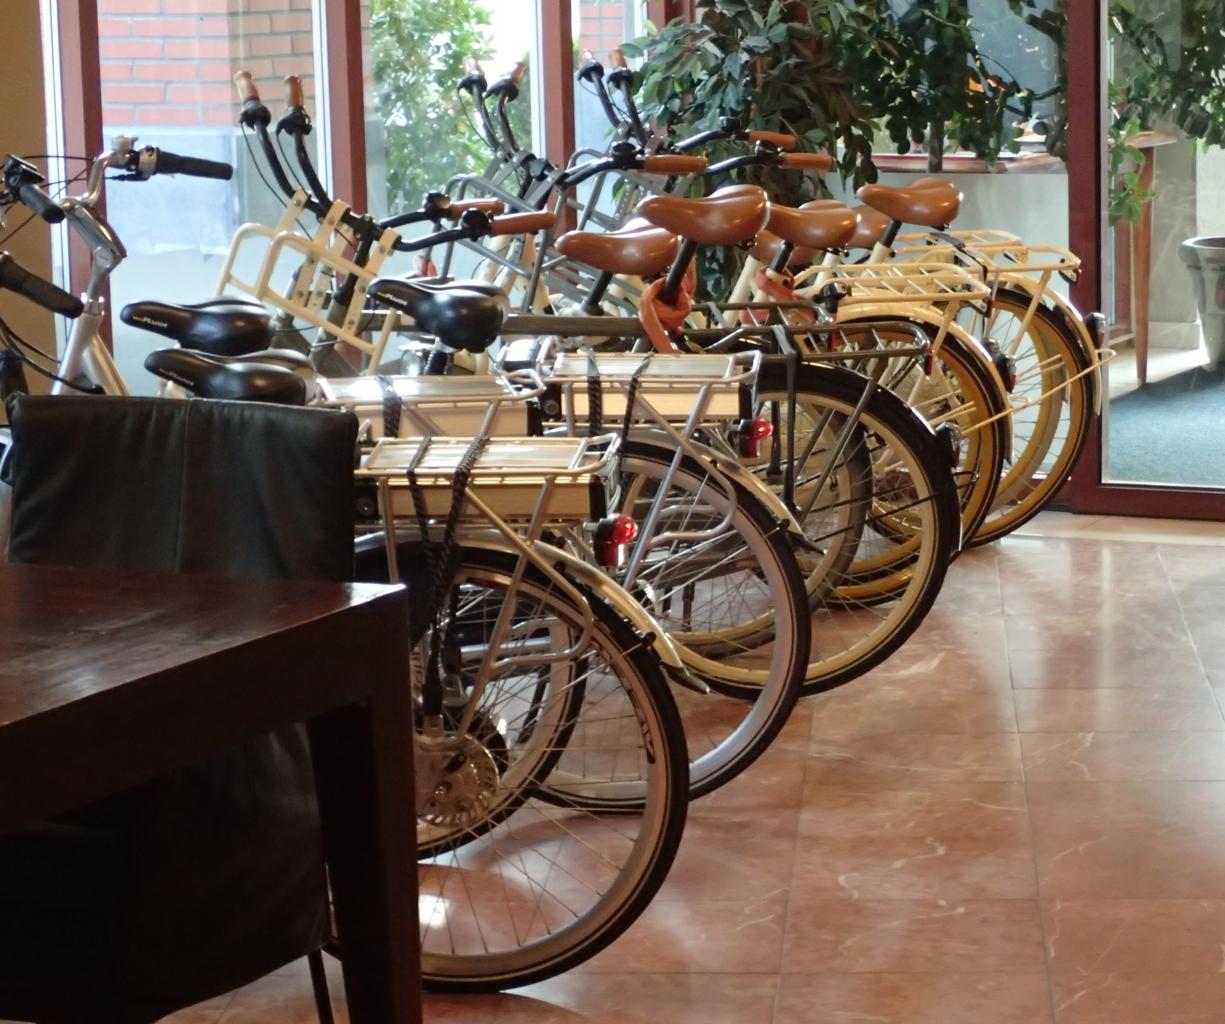 Golden Tulip, Breda, sykler